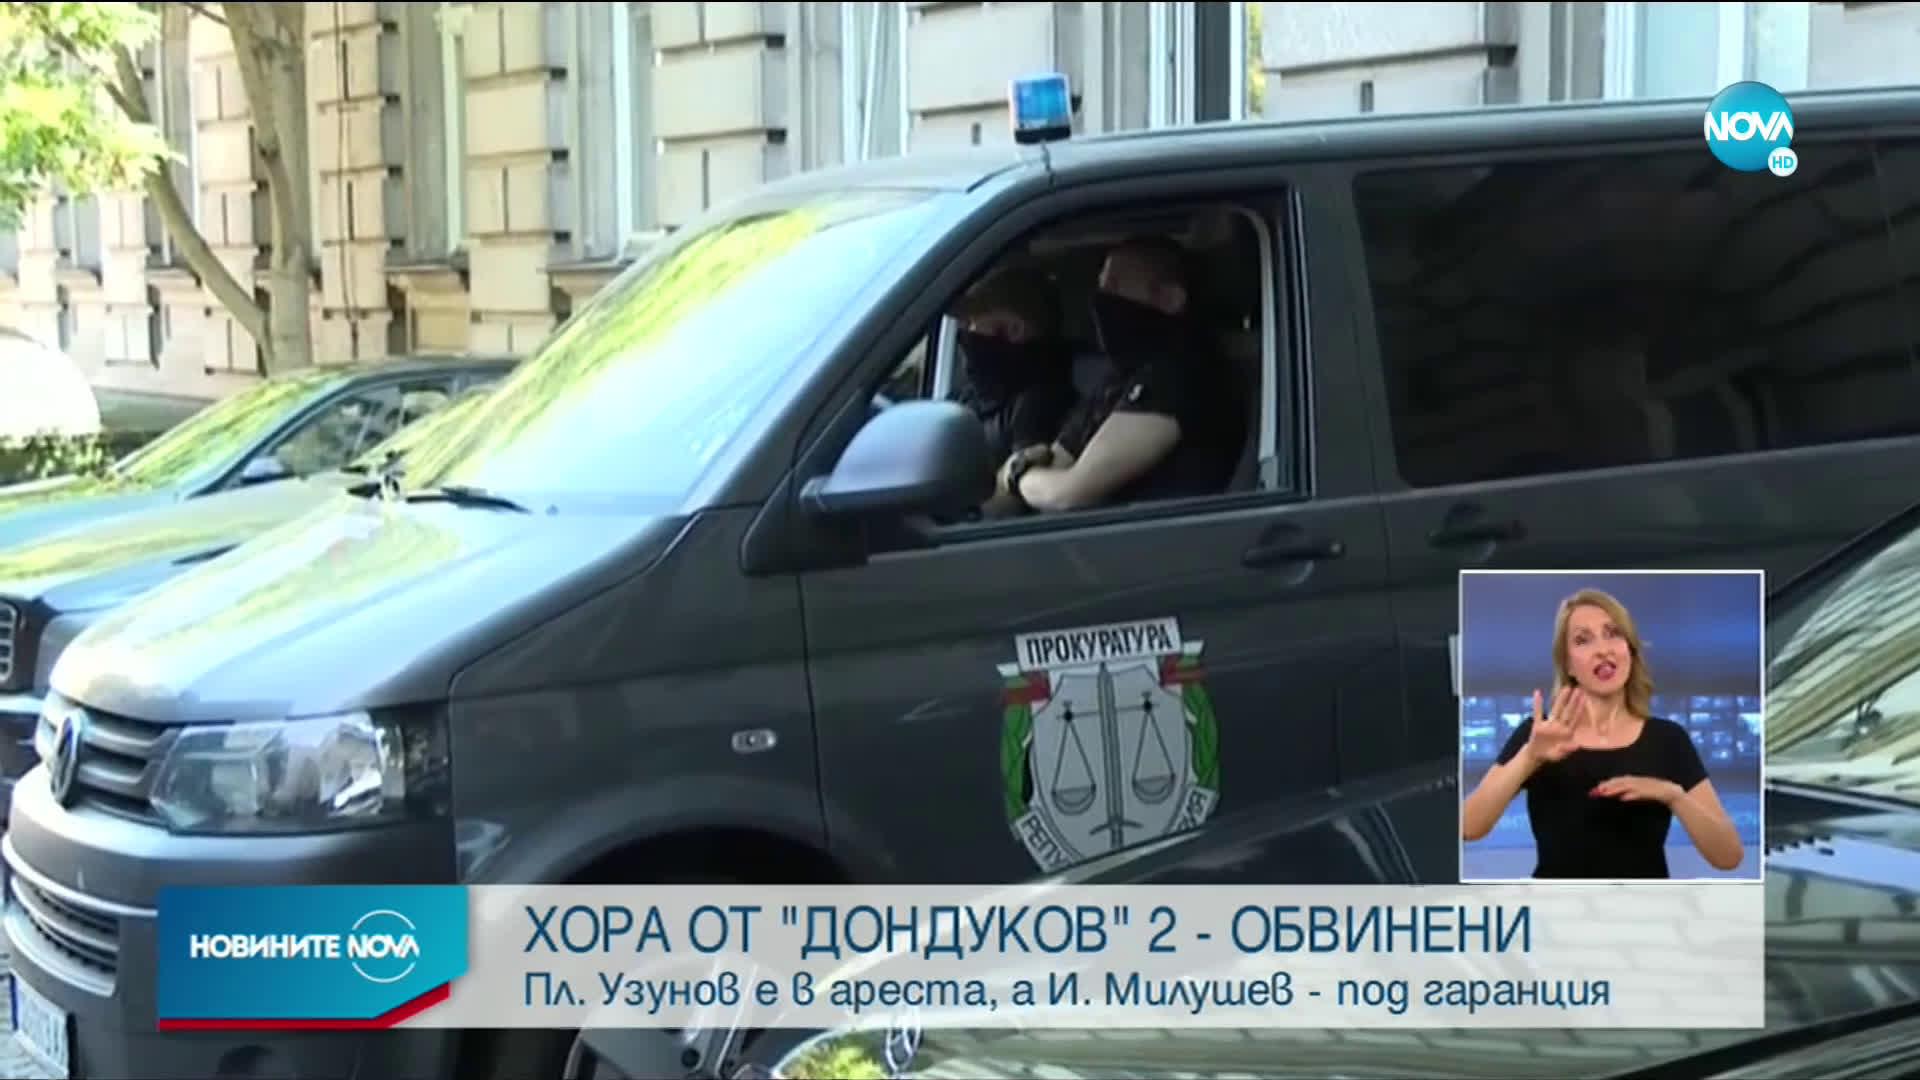 Пламен Бобоков излиза на свобода срещу 1 млн. лева гаранция